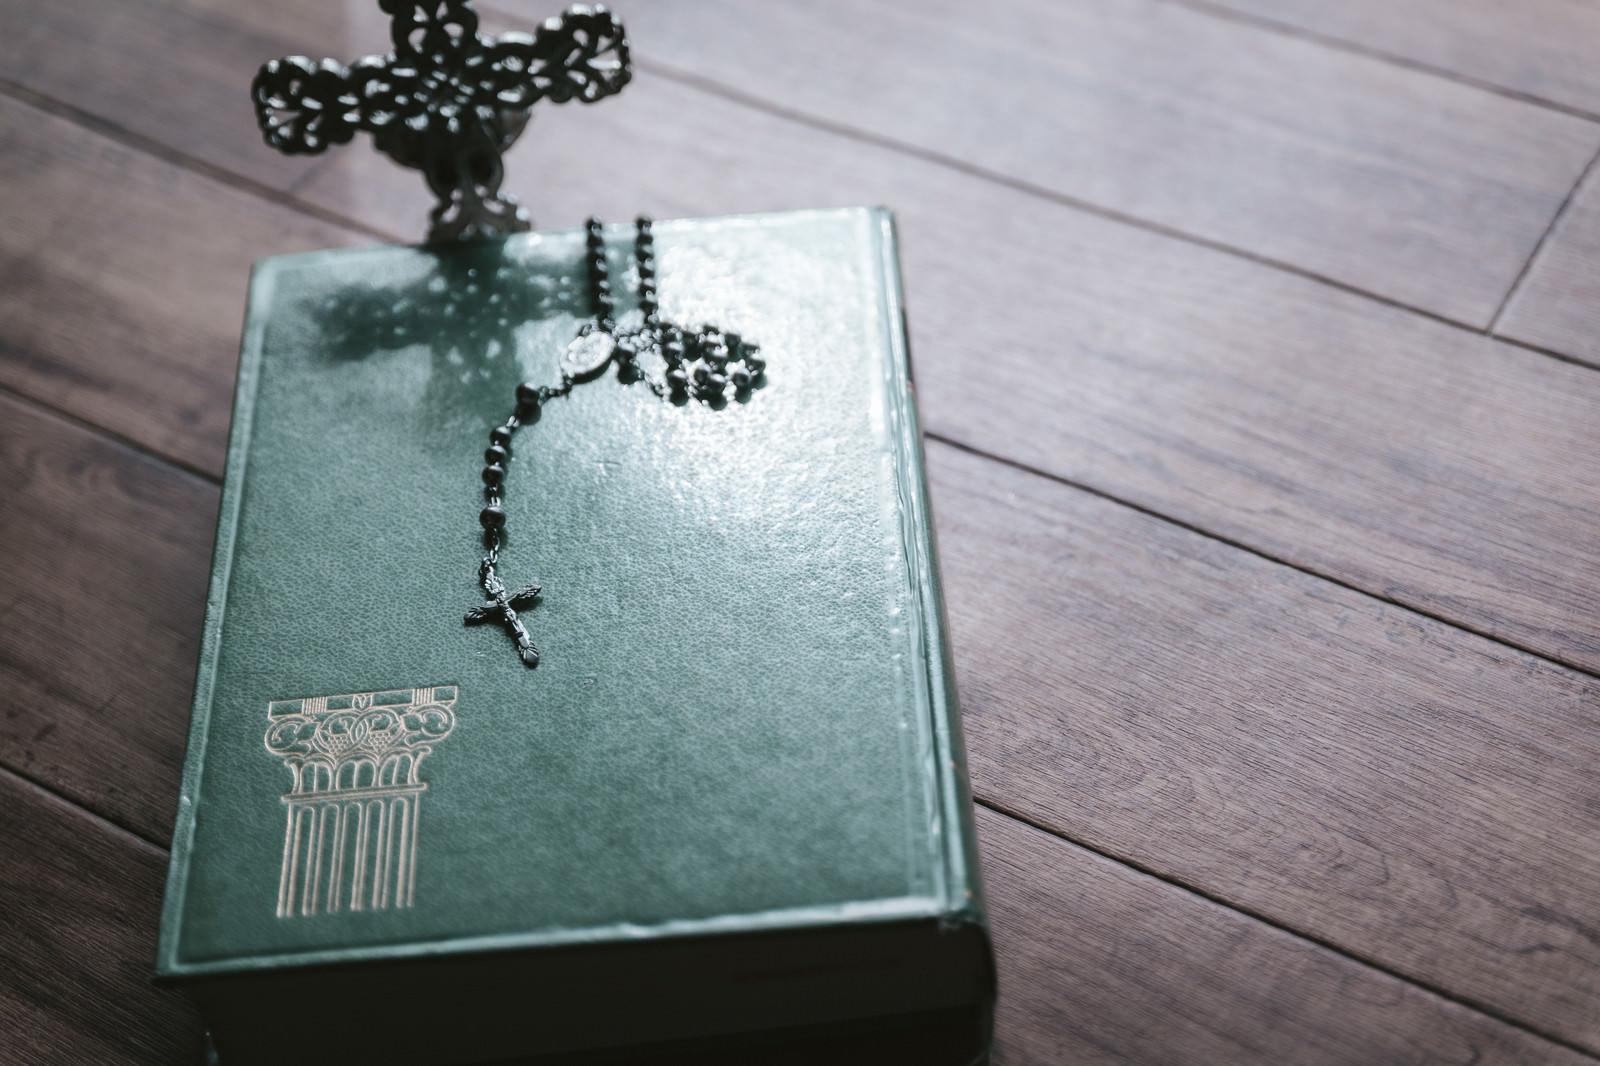 「聖書の上に置かれたロザリア」の写真